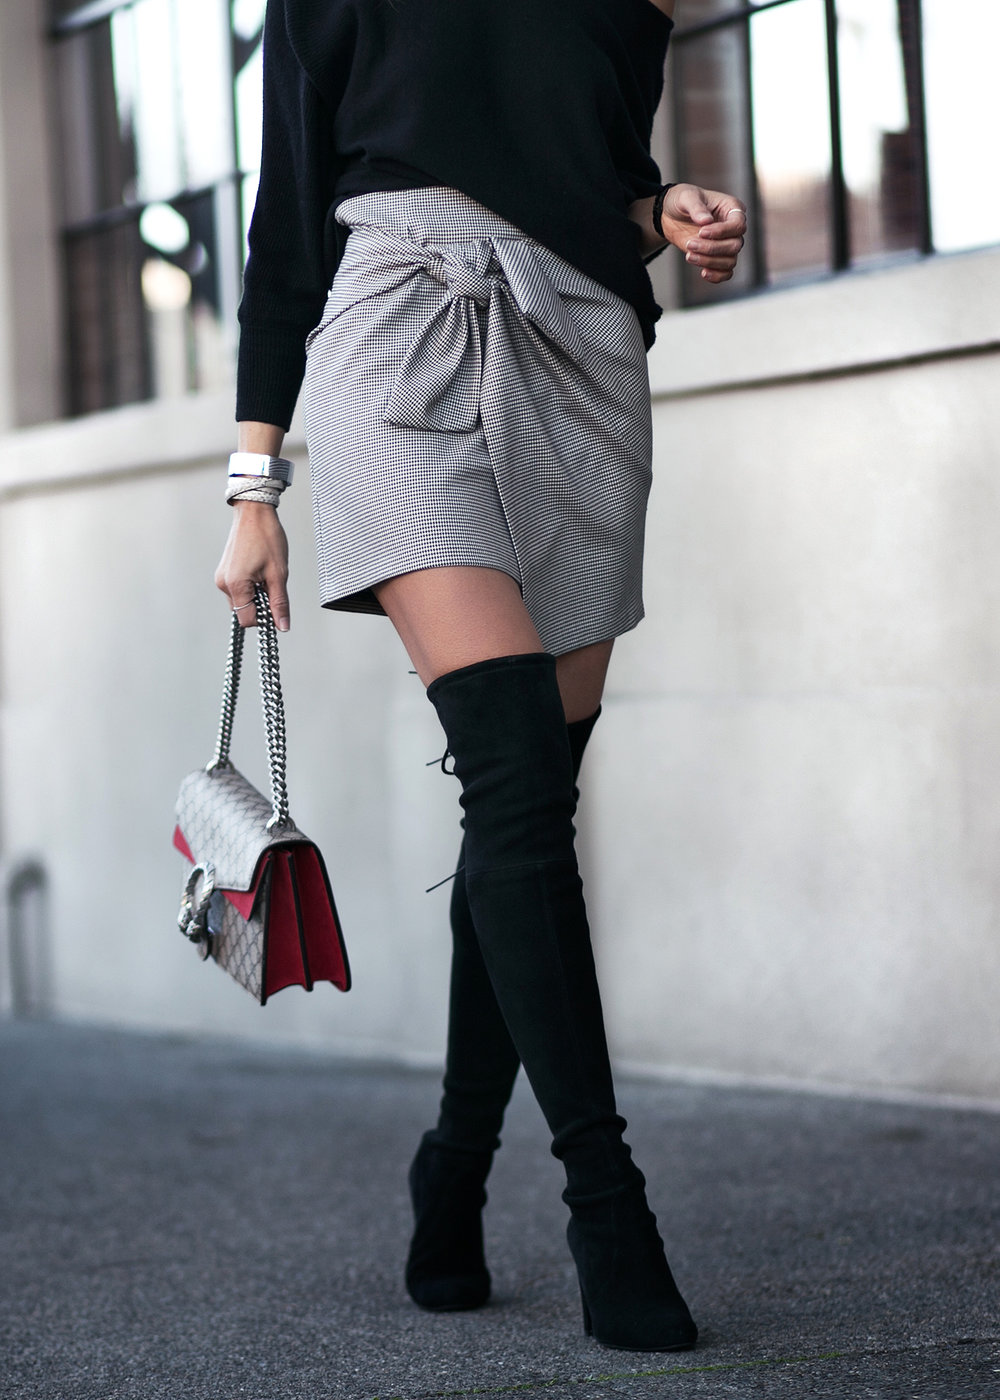 Stuart_Weitzman_Thighhigh_Boots_Storets_Wrap_Skirt.jpg